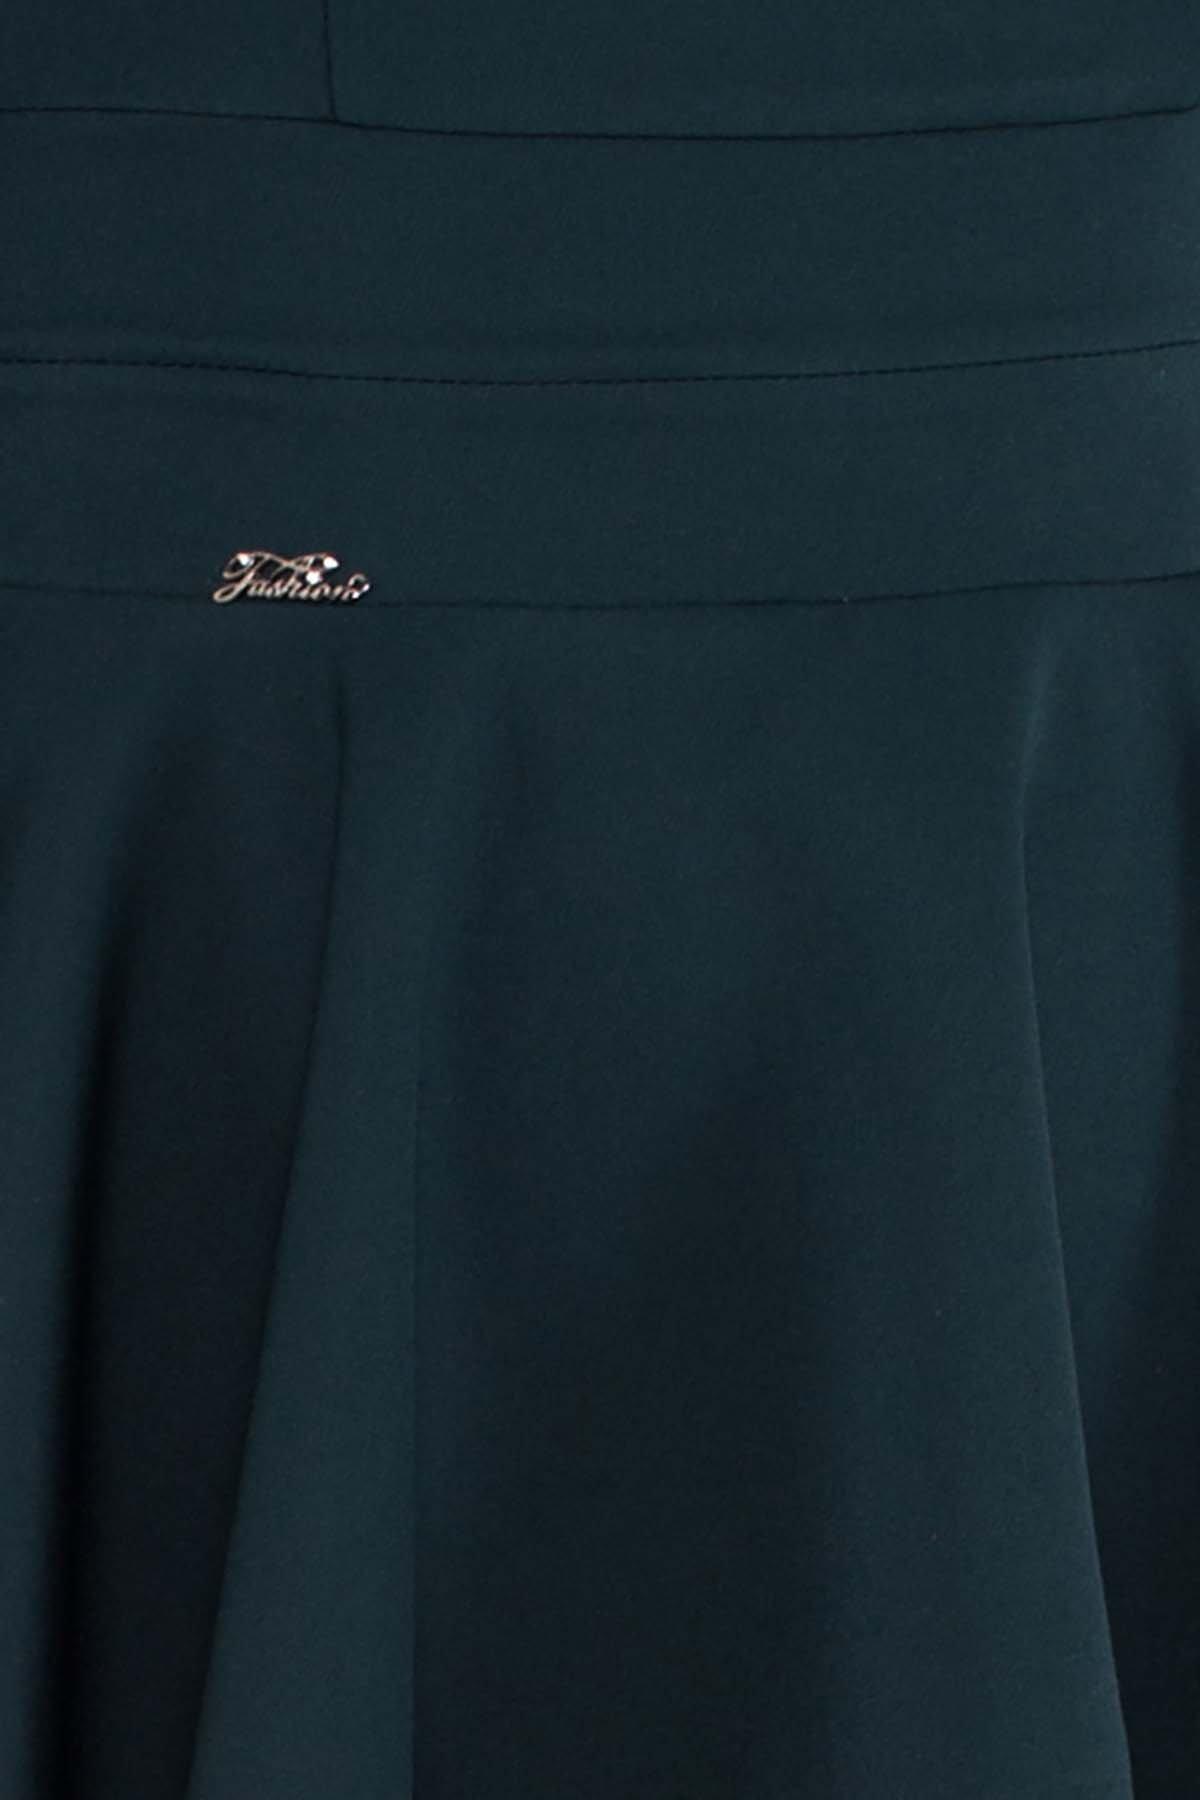 Платье Симур 5913 АРТ. 40633 Цвет: Т.зеленый - фото 4, интернет магазин tm-modus.ru